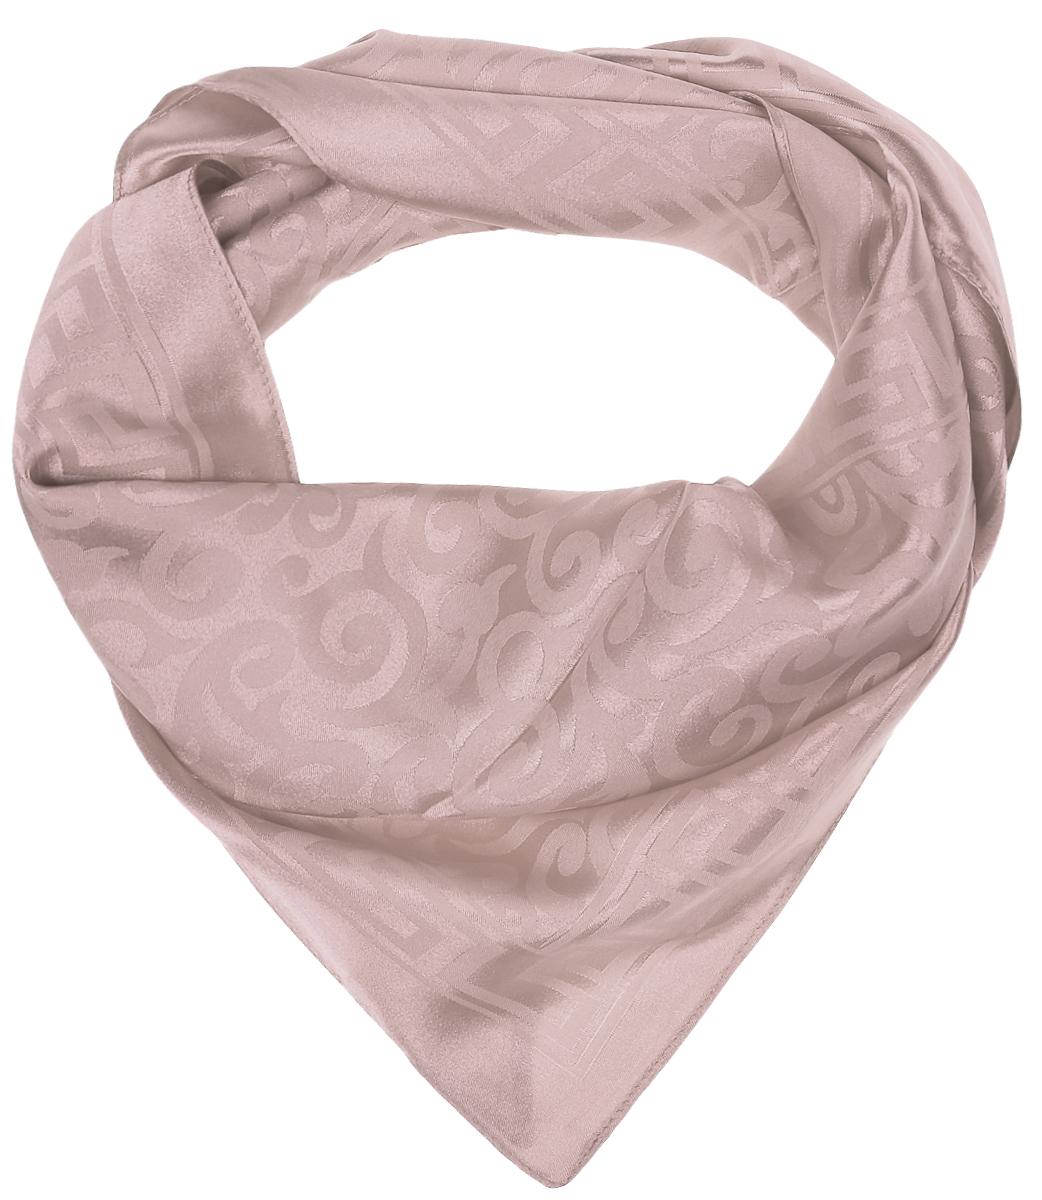 ПлатокRoFC692/1-1Стильный женский платок Vita Pelle изготовлен из высококачественного полиэстера с добавлением шелка. Платок оформлен оригинальным переливающимся узором. Край отделан швом американка.